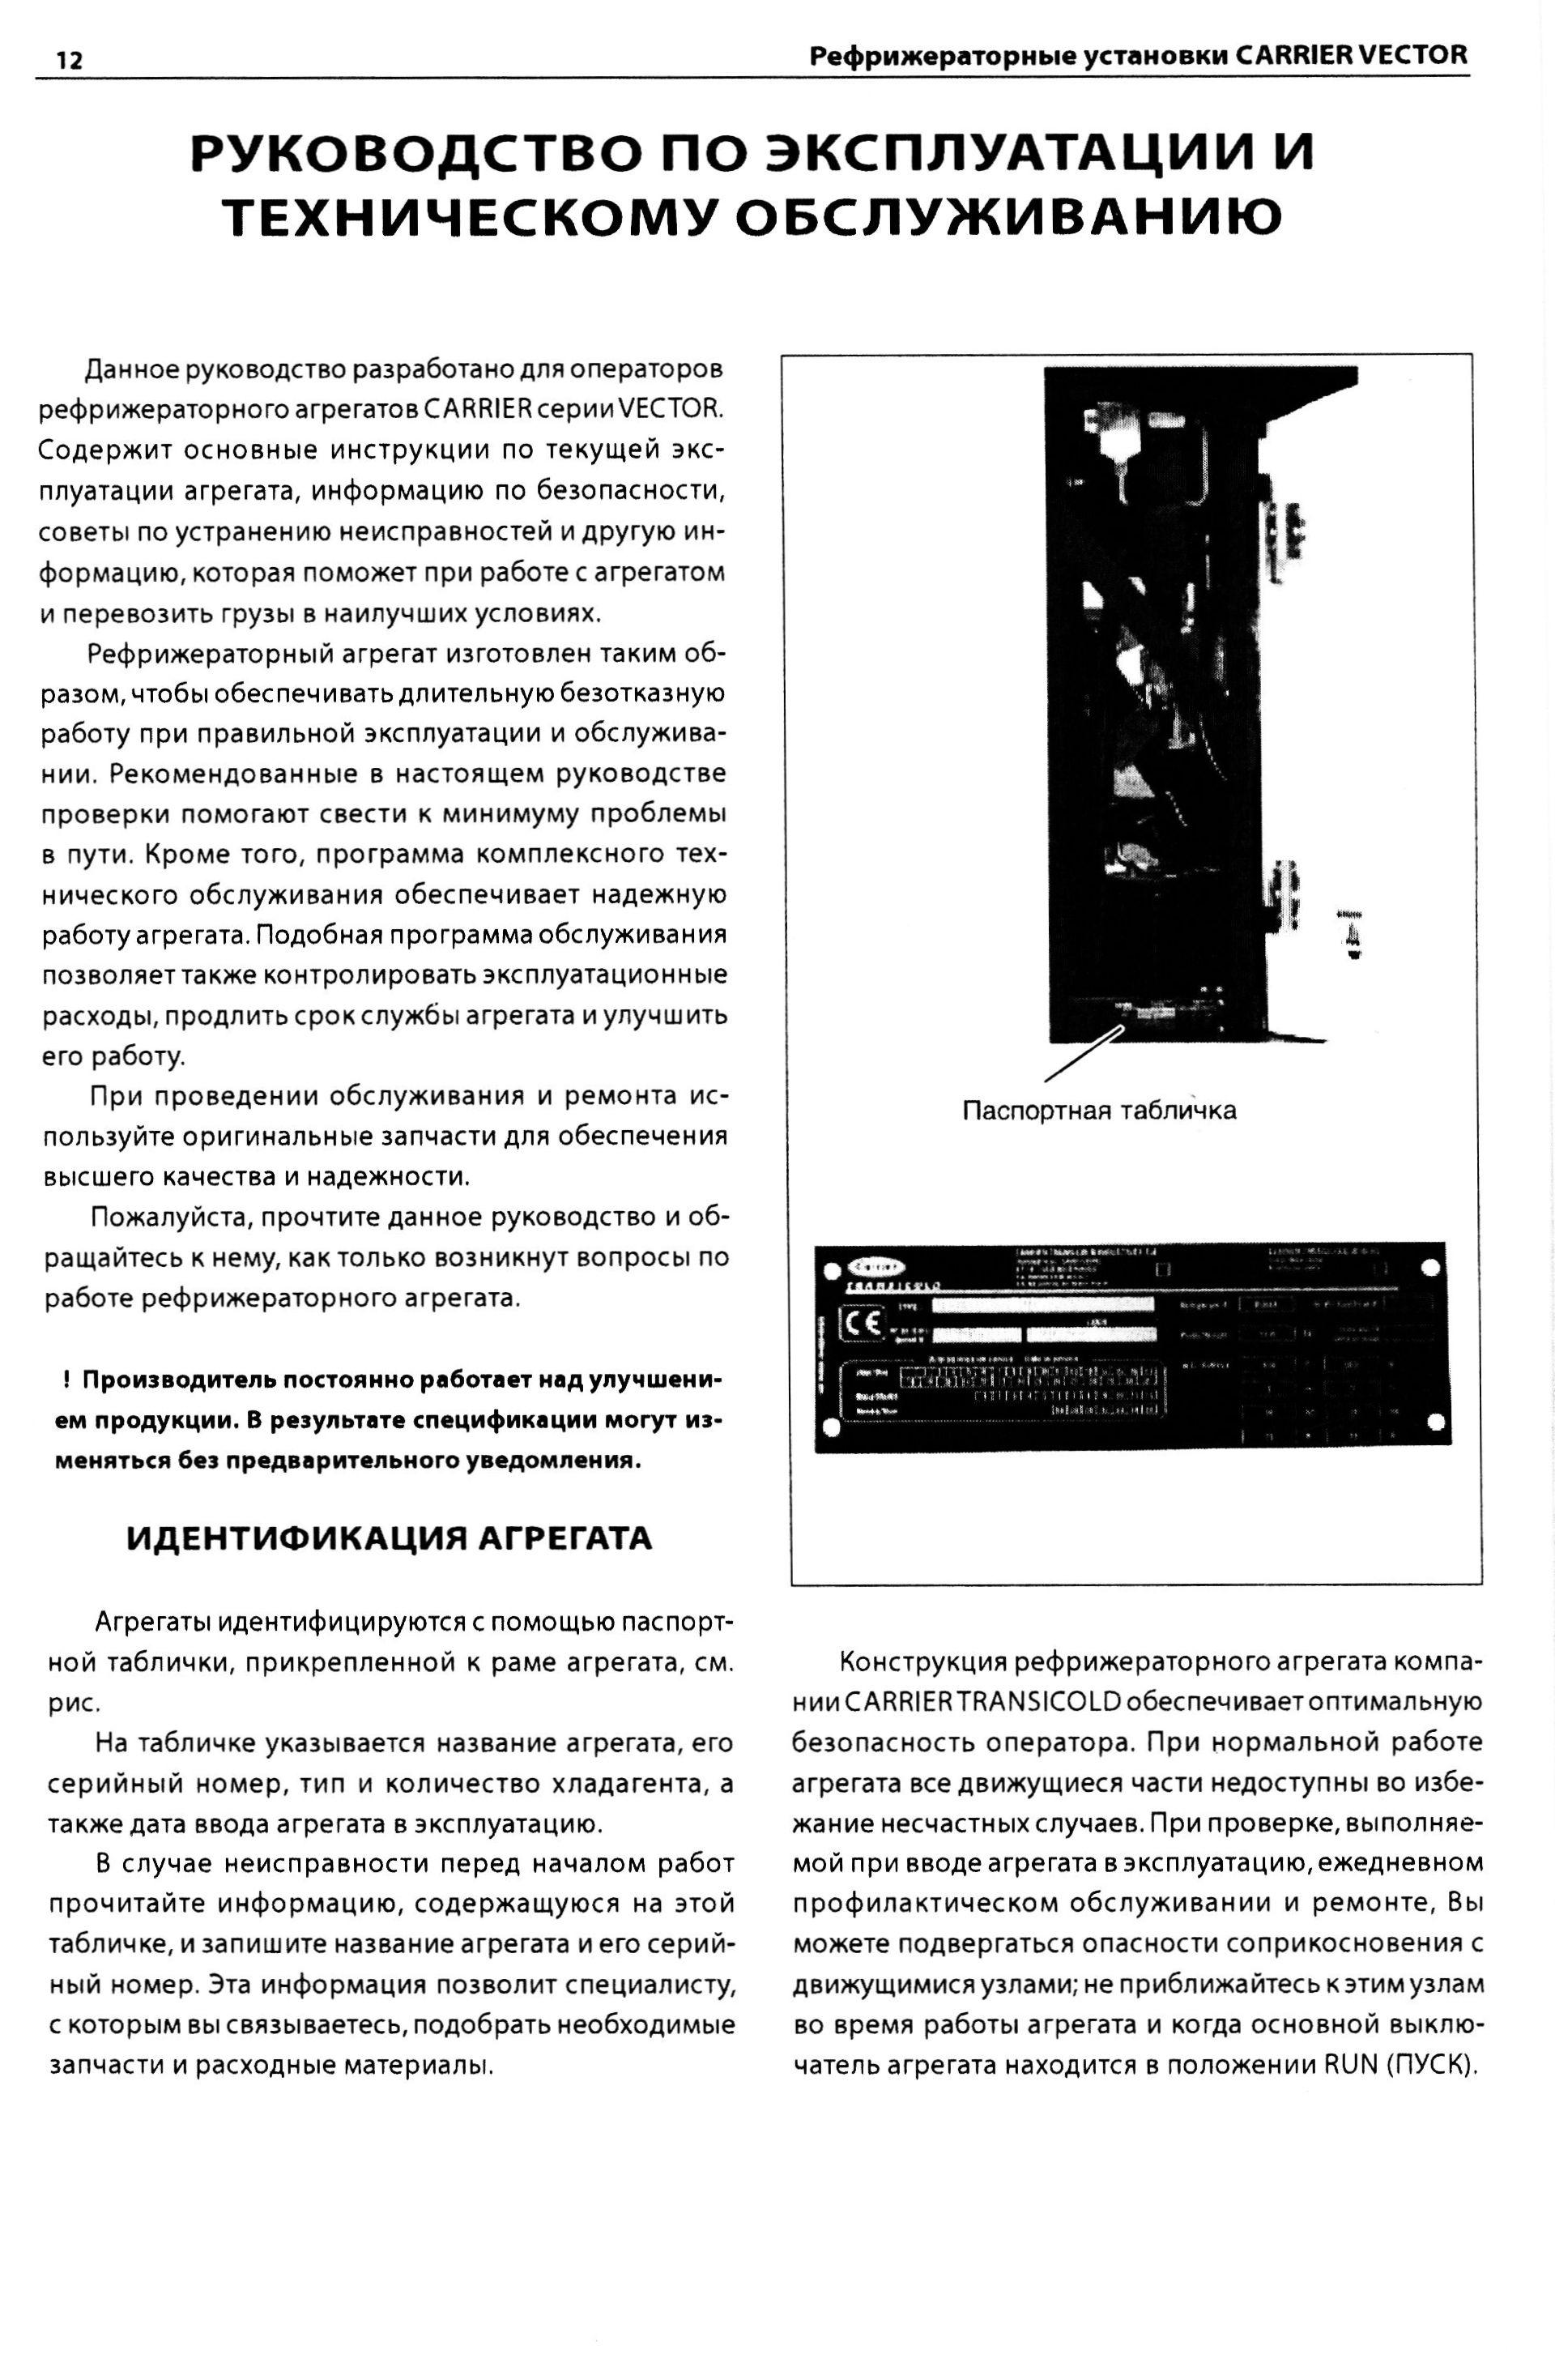 Инструкция по эксплуатации по холодильной установки carrier